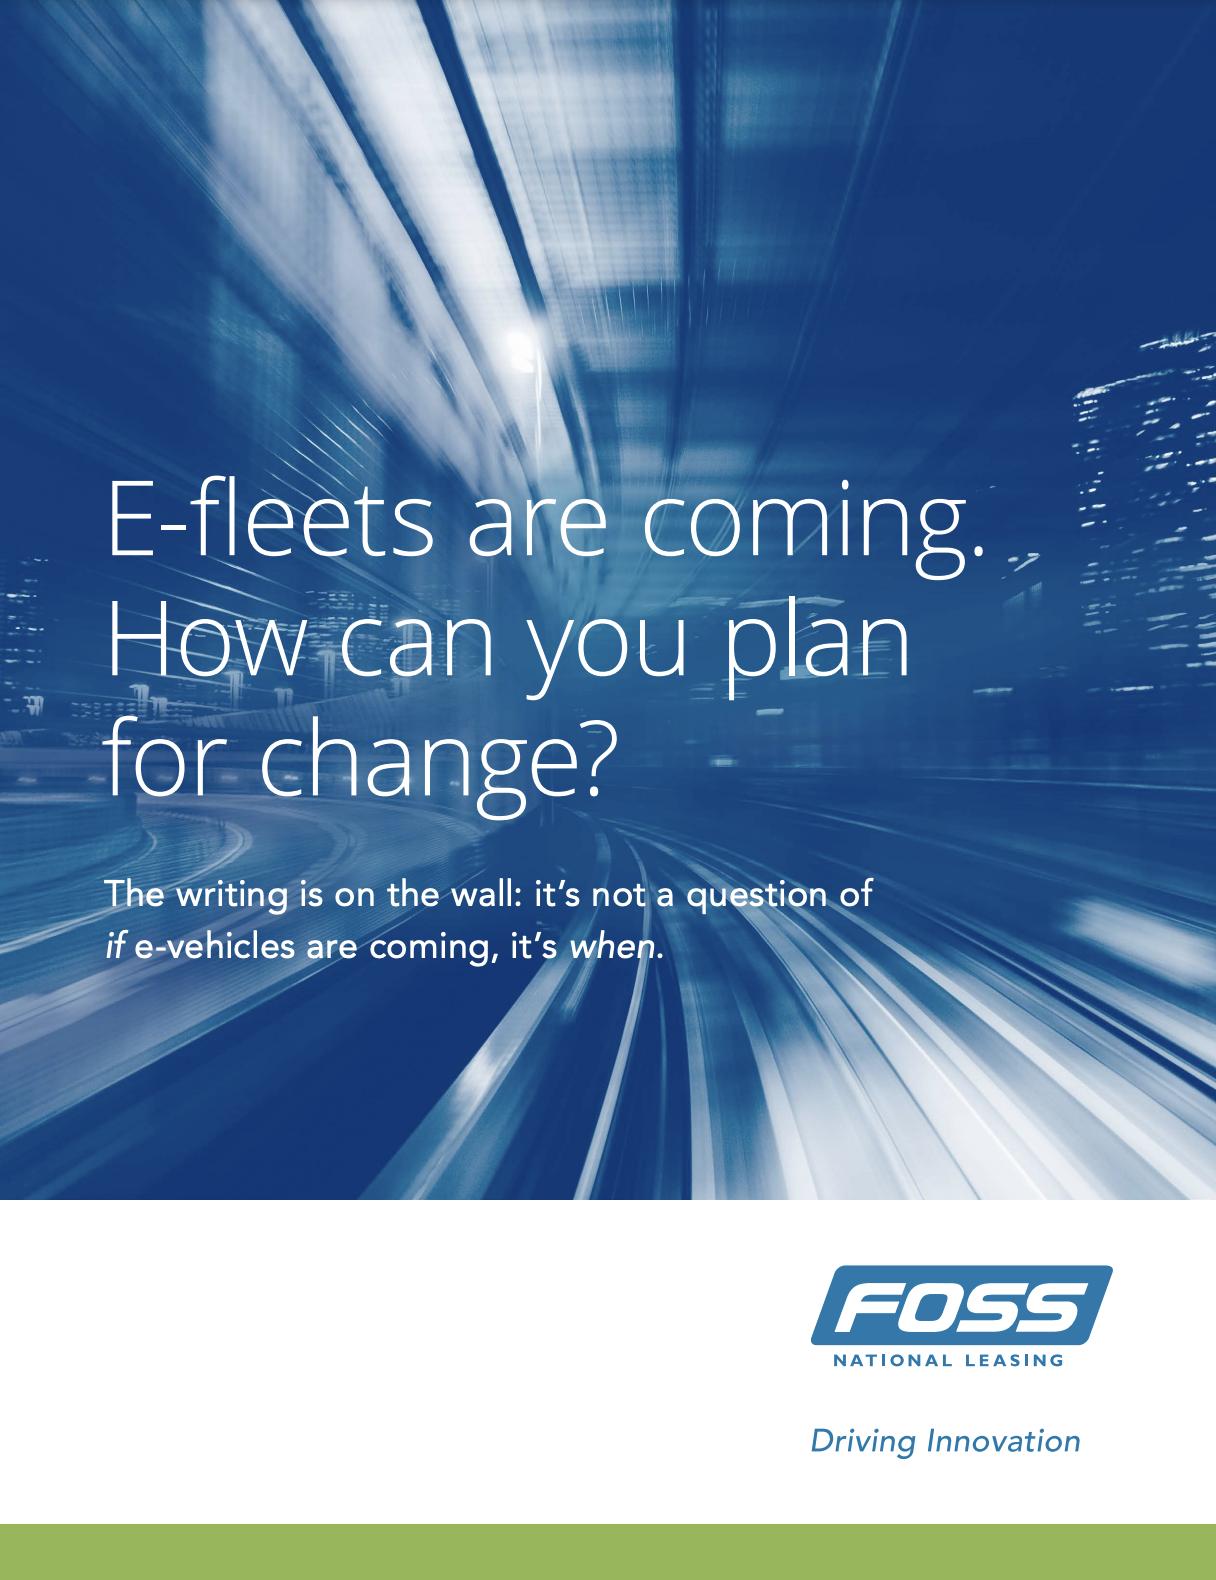 thumbnail-e-fleets-are-coming